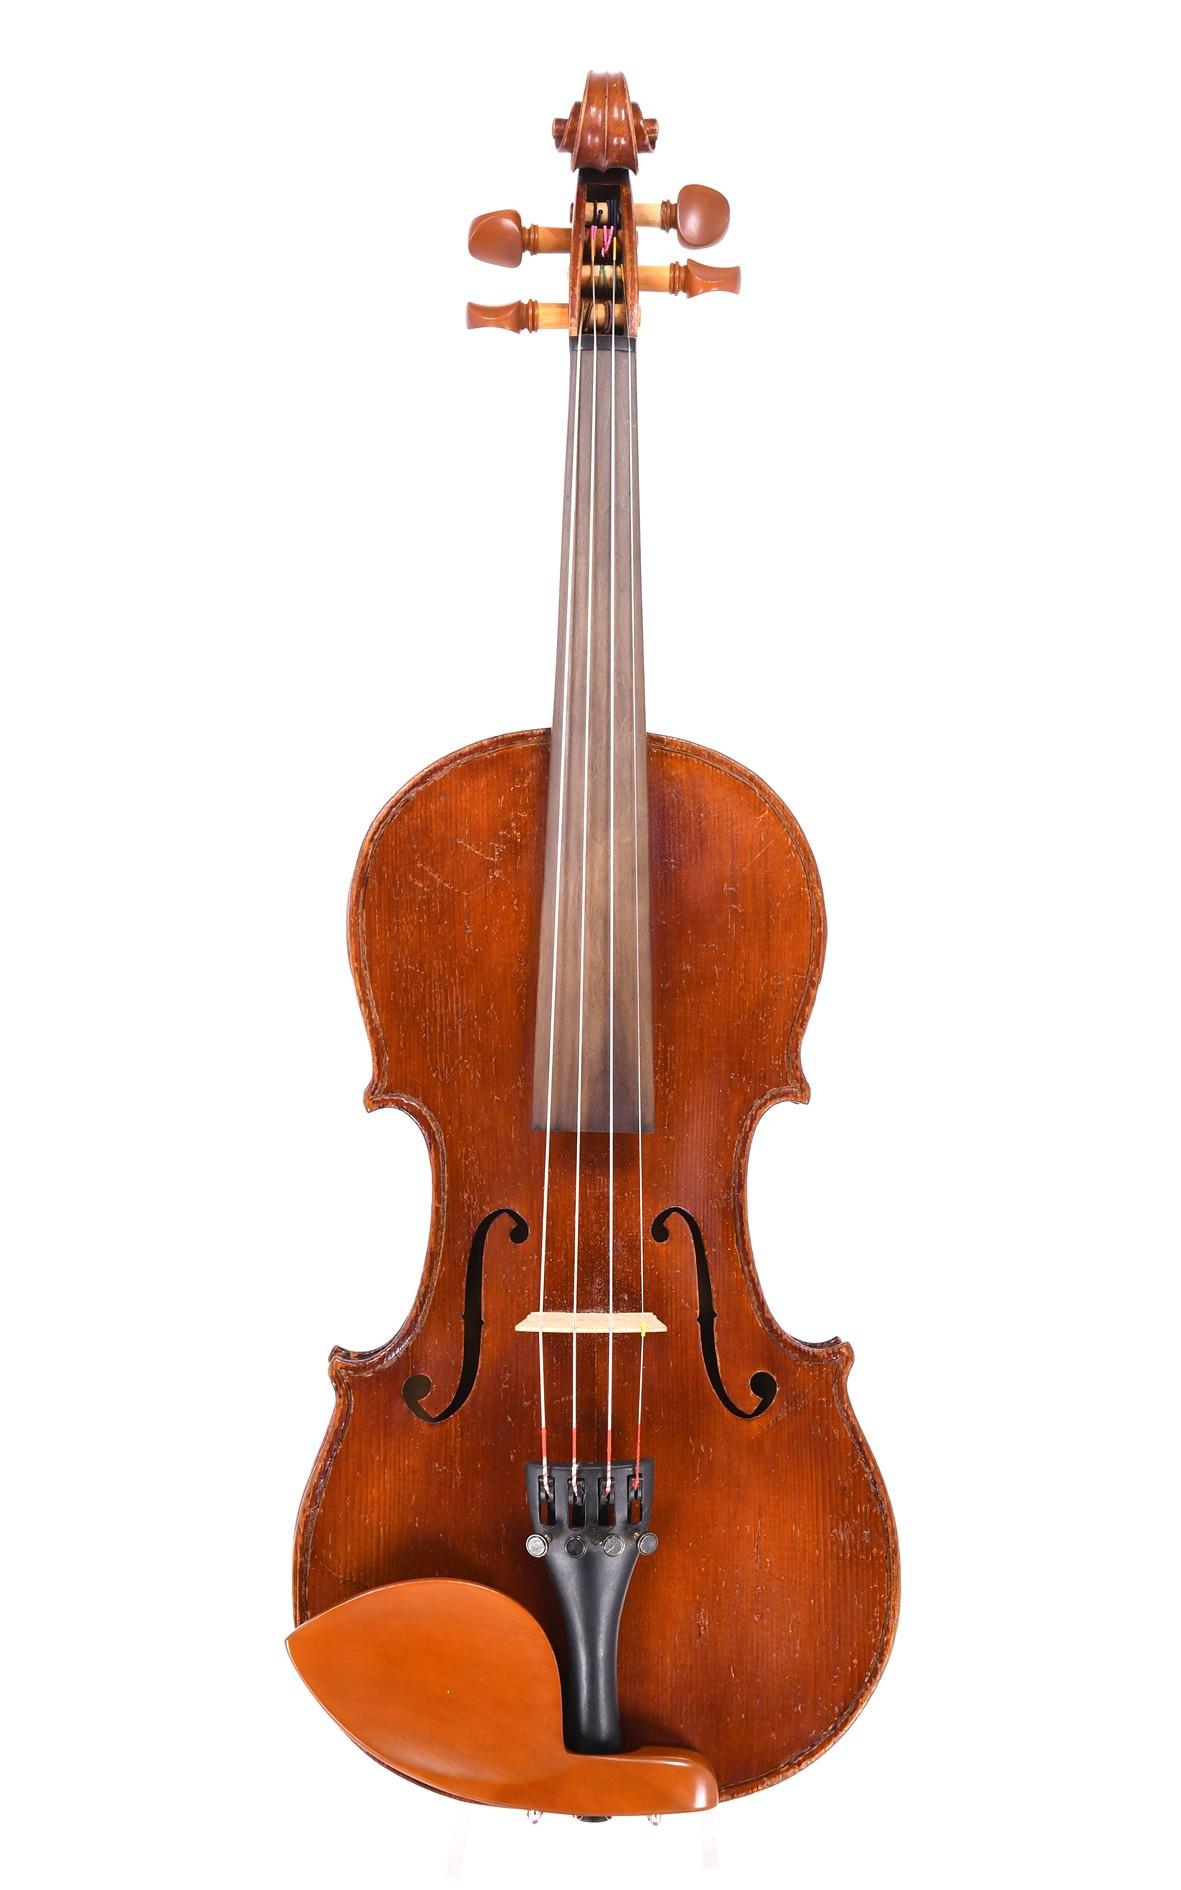 Antike Mittenwalder 3/4 Geige um 1880